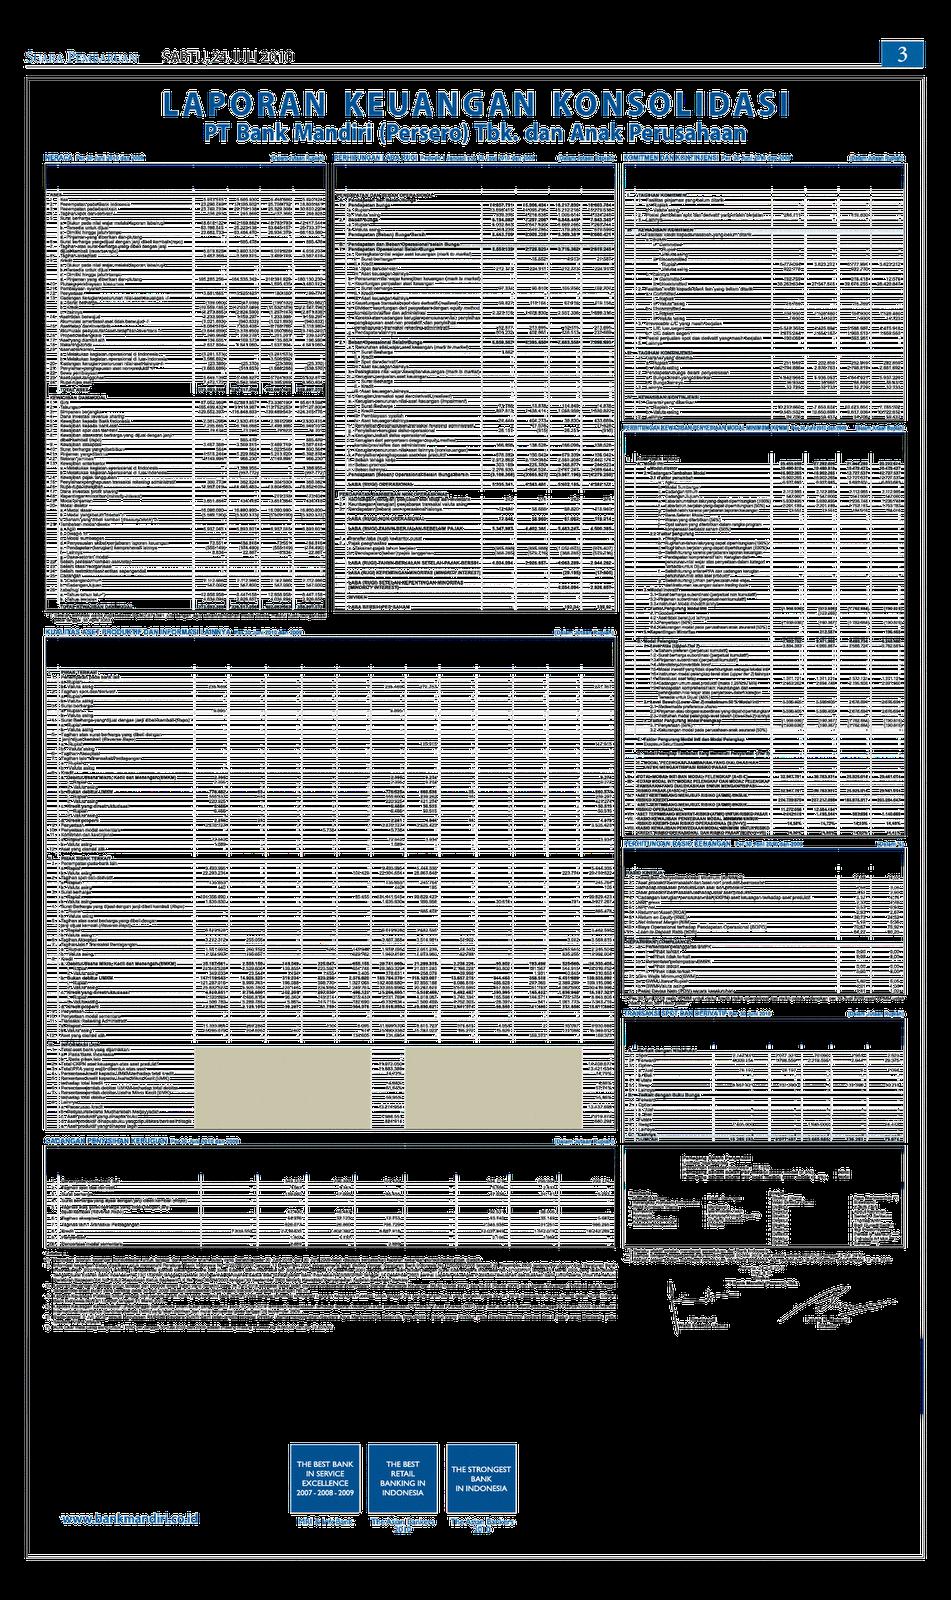 Contoh Laporan Keuangan Bank Syariah Contoh Laporan Keuangan Bank Syariah Akuntansi Itu Mudah Download Standar Laporan Keuangan Bank Dan Peraturan Bank Indonesia